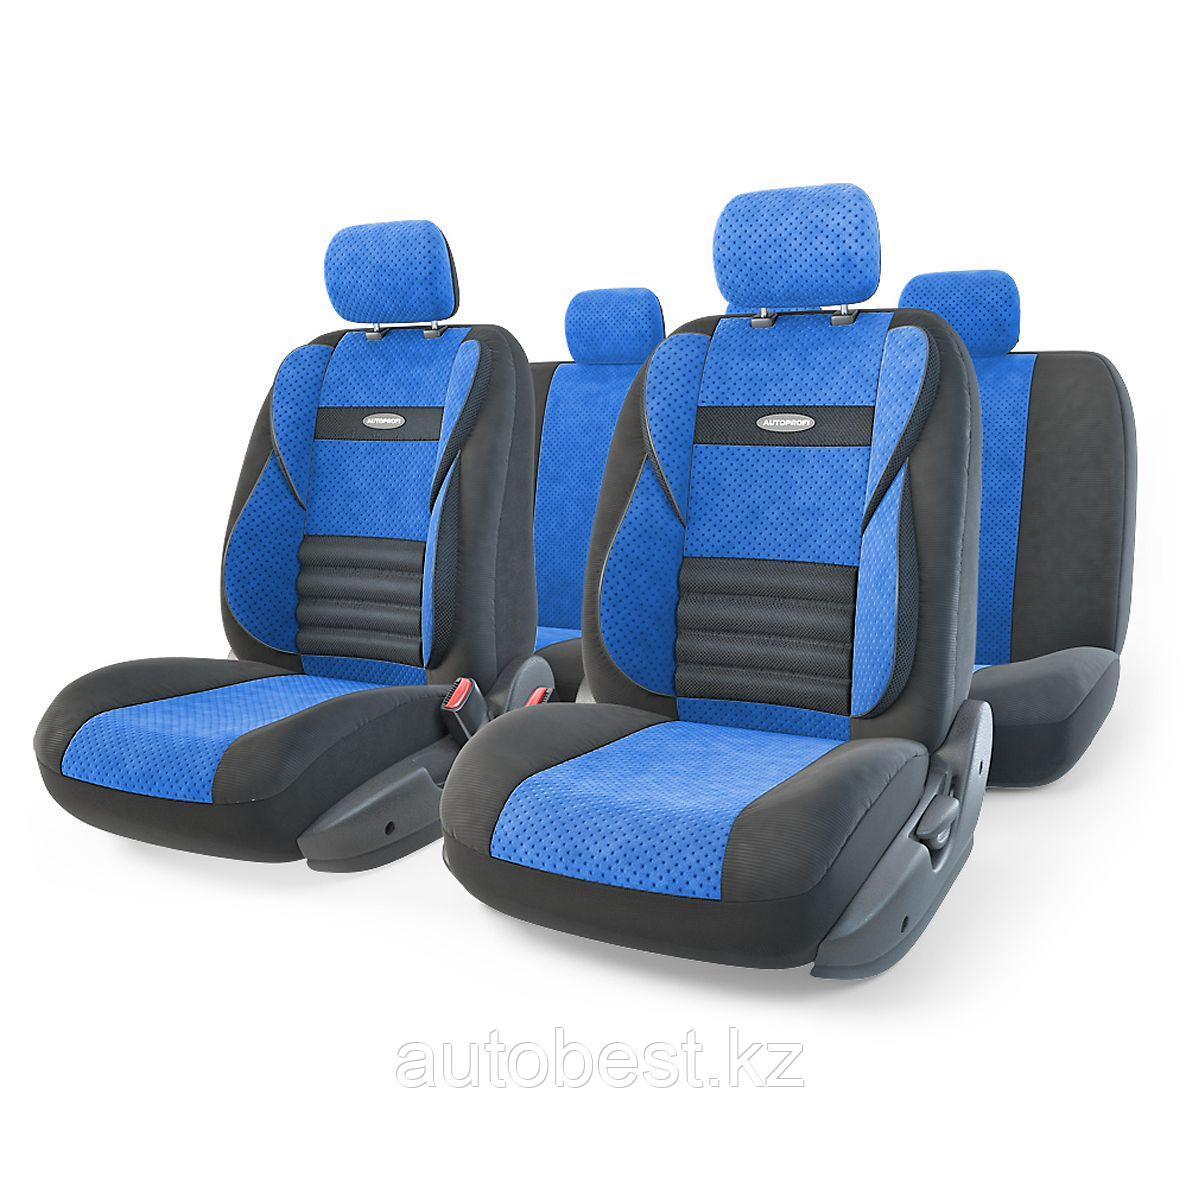 Авточехлы COMFORT COMBO, мультиконтурные, поддержка спины + поддержка плеч + поясничный упор. форм.